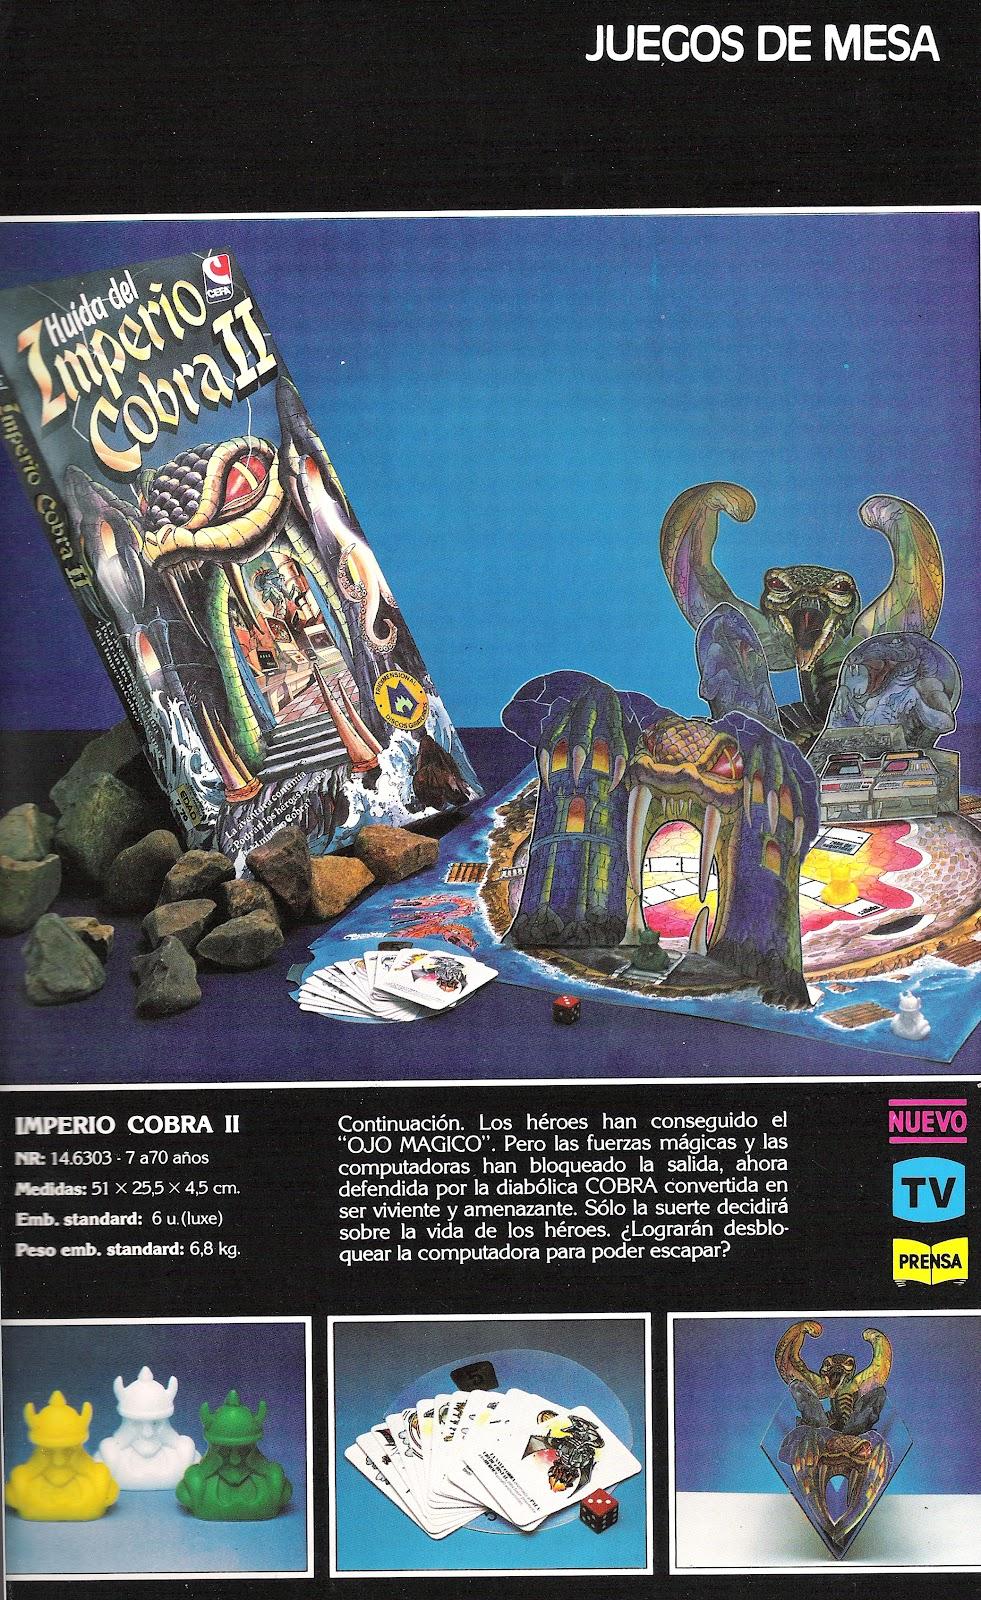 El Espanol Que Invento El Imperio Cobra Y Todos Los Juegos De Mesa